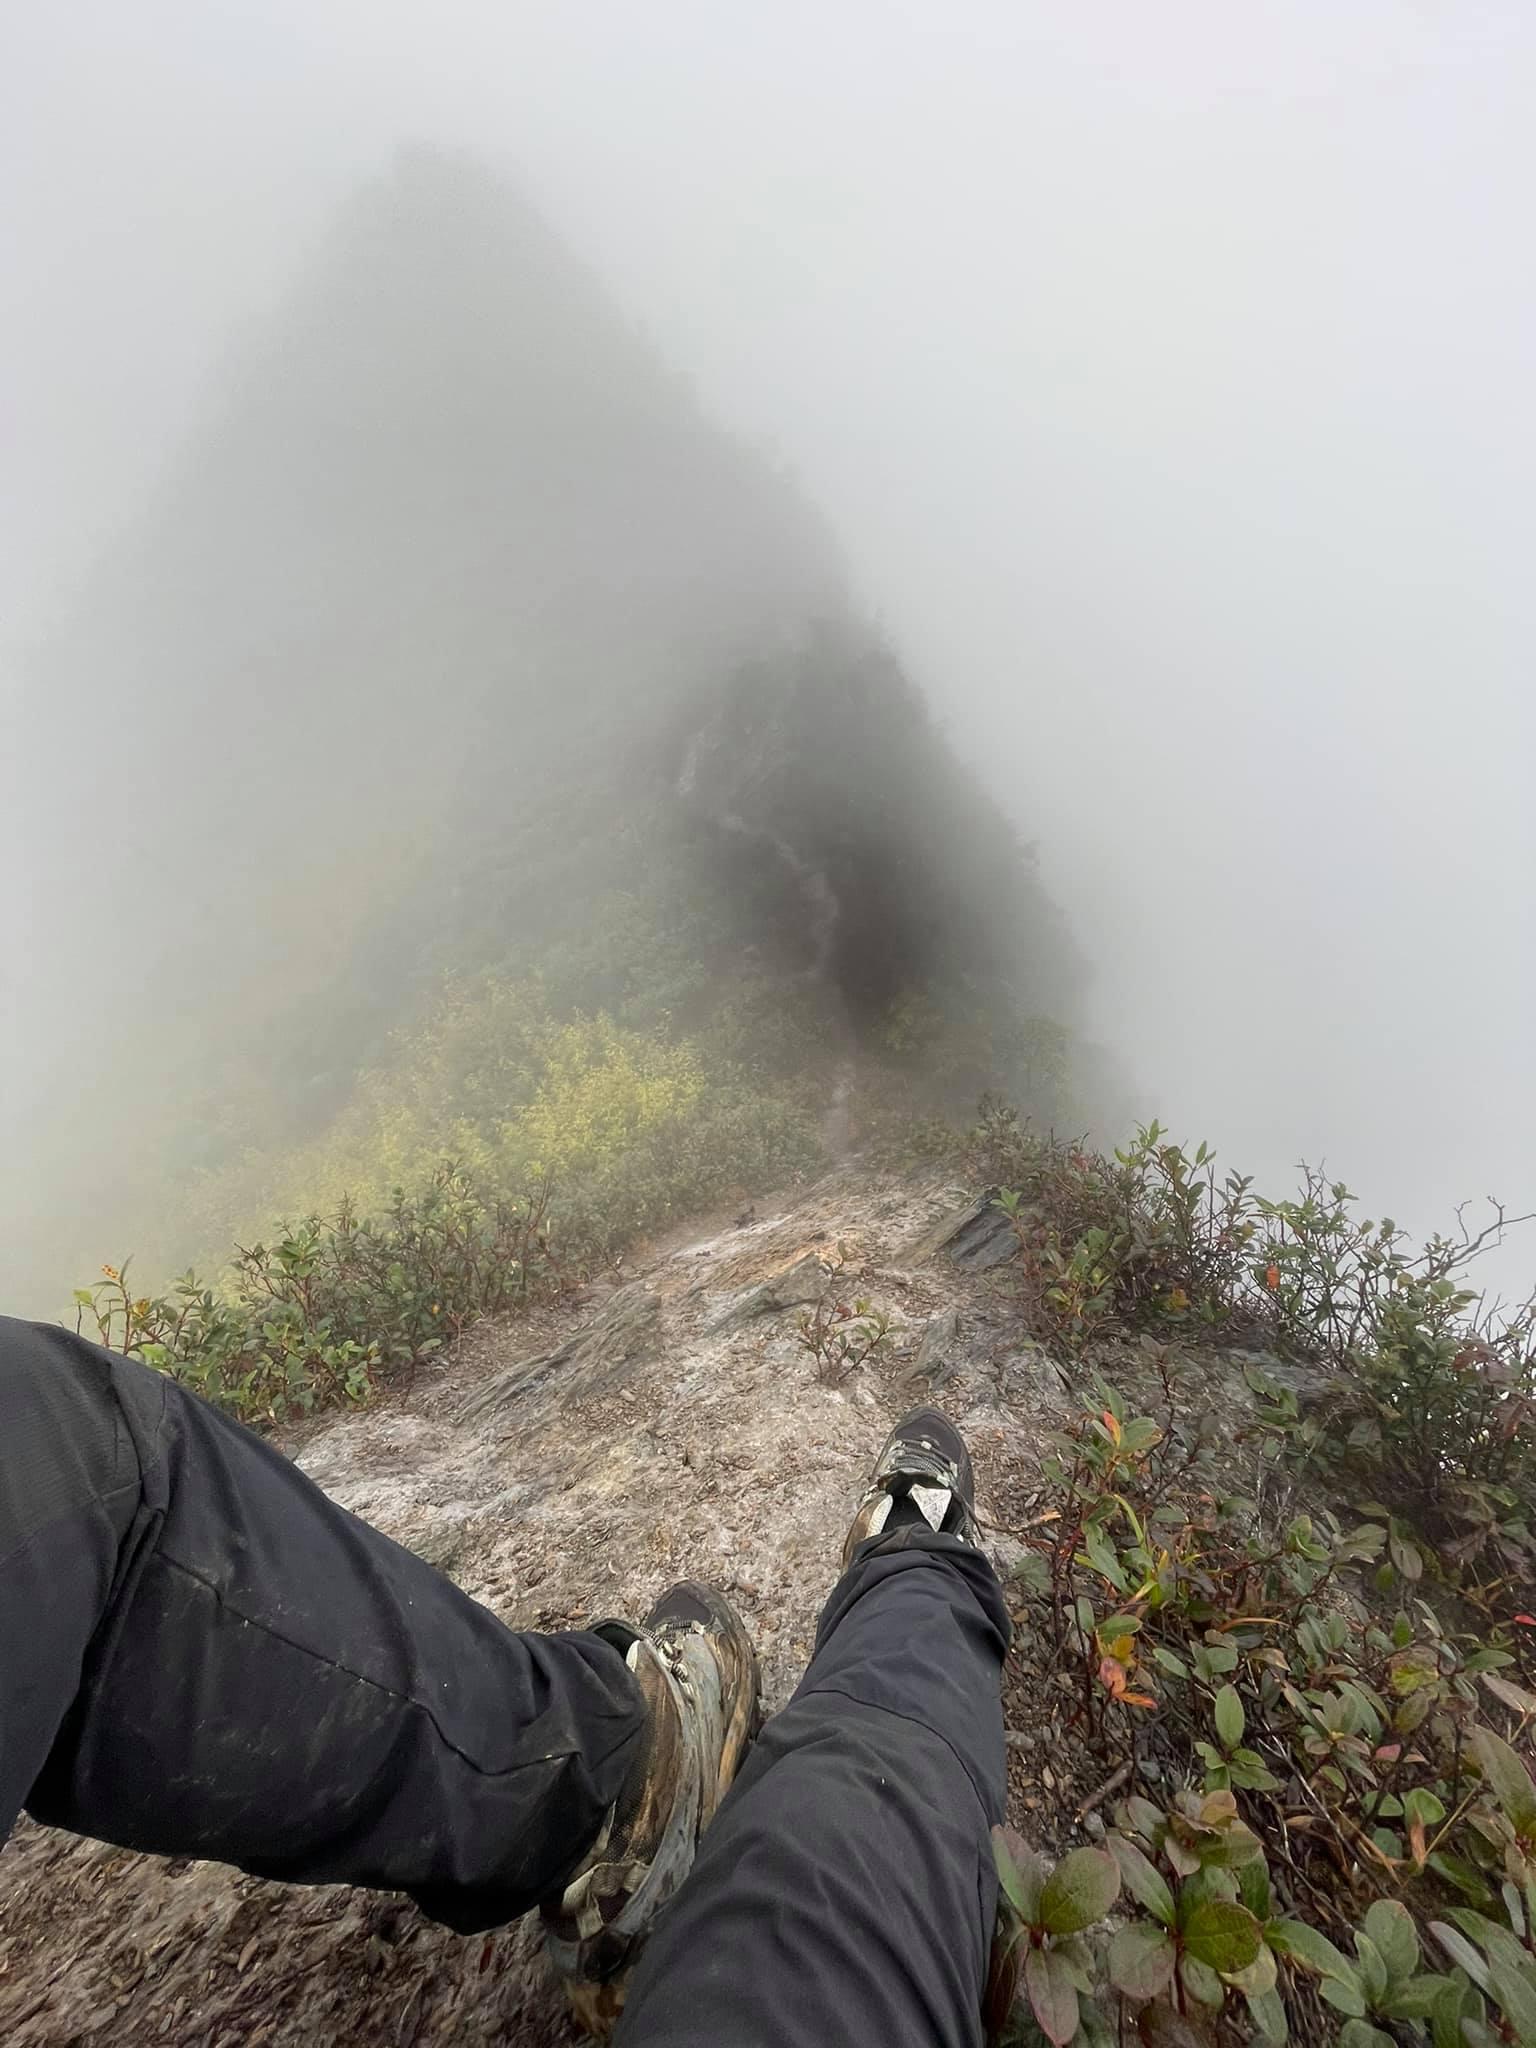 Dụng cụ leo núi như giày cao su, ủng, quần dài, gậy hay dây an toàn nếu cần thiết là những vật dụng không thể thiếu trong chuyến hành trình chinh phục Tà Xùa